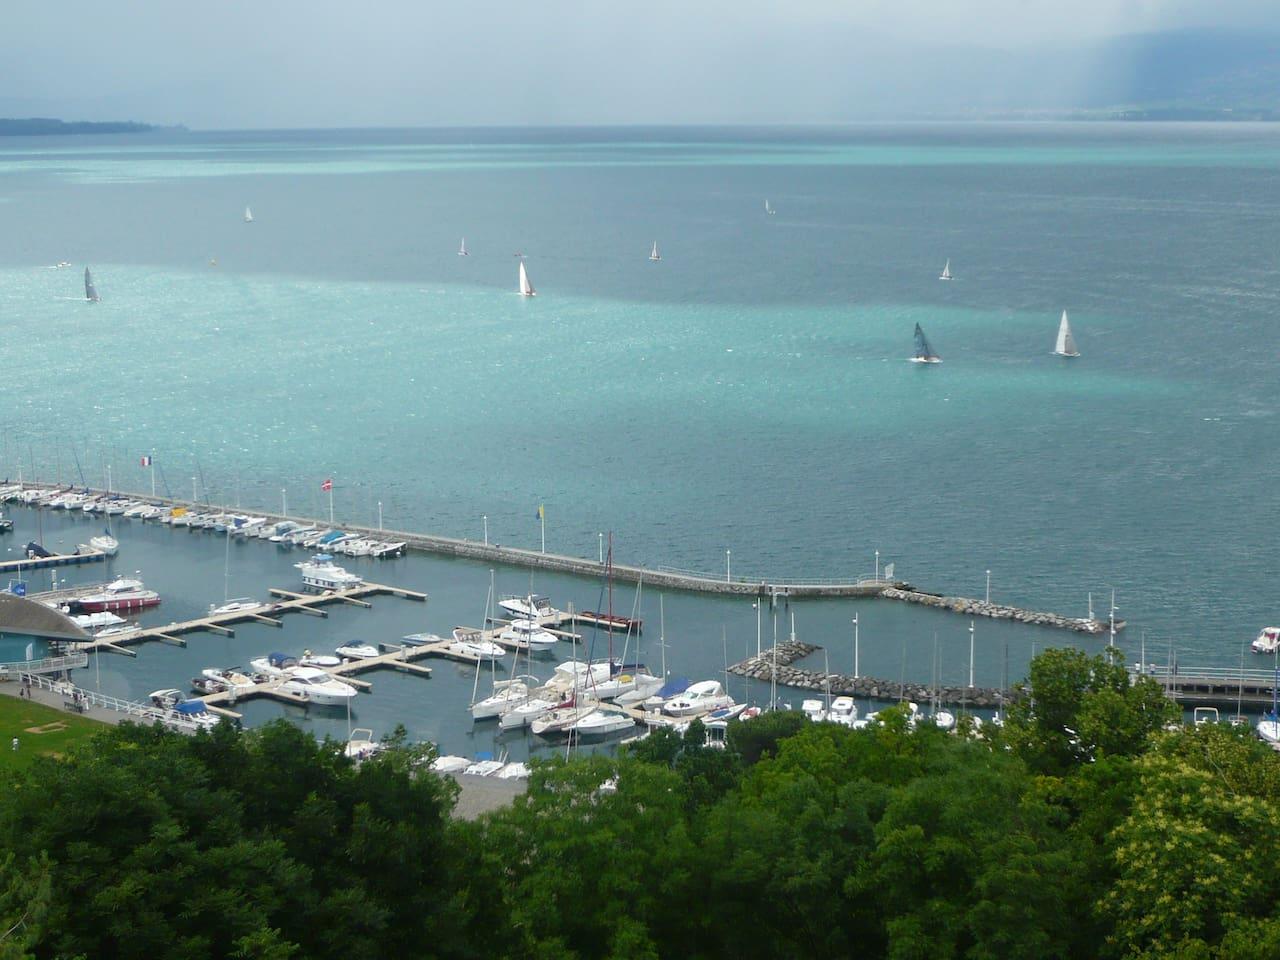 Magnifique vue plongeante sur le port et le lac